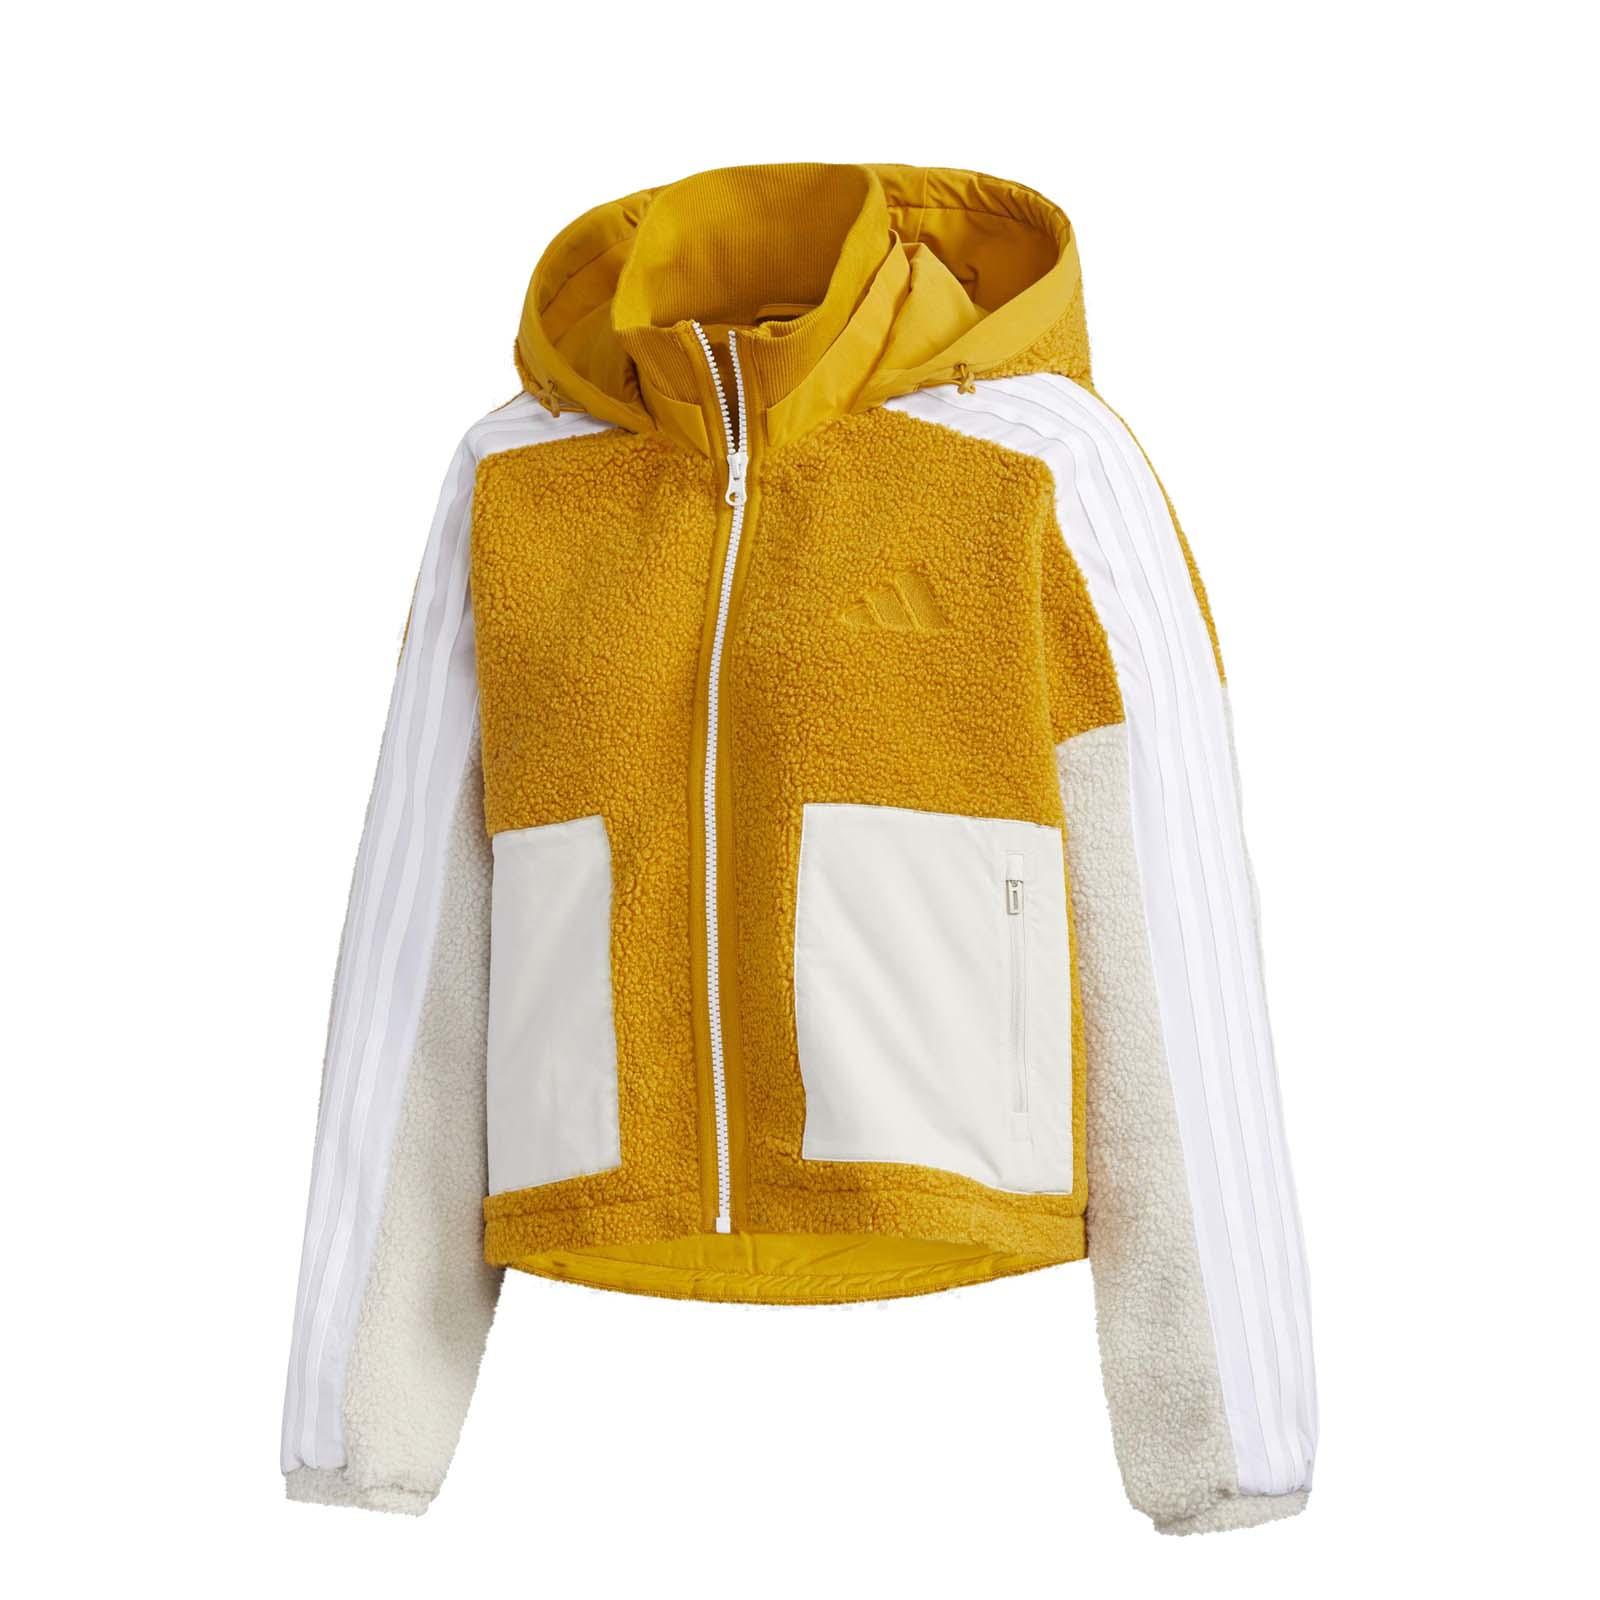 adidas 連帽外套 Urban BOA 黃 白 長袖上衣 短版 女款 愛迪達 【ACS】 GM1425